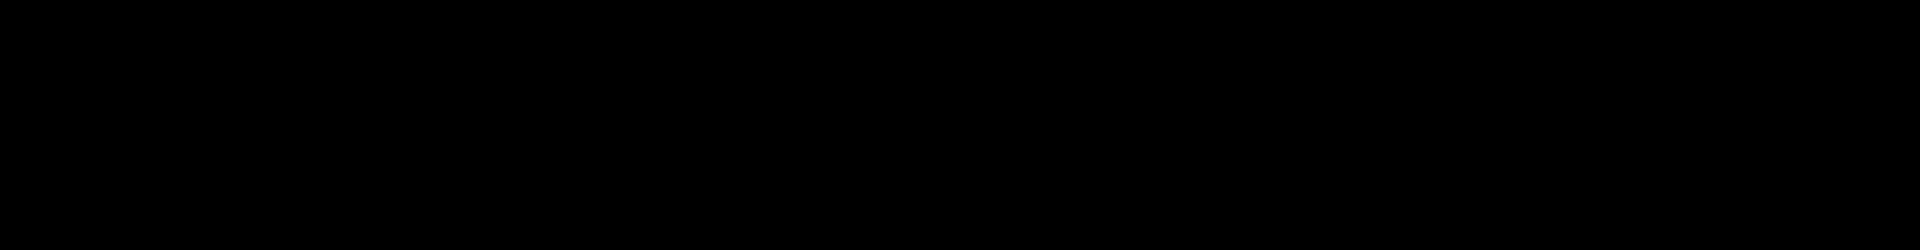 GFDM и тензоры. Продолжение - 11